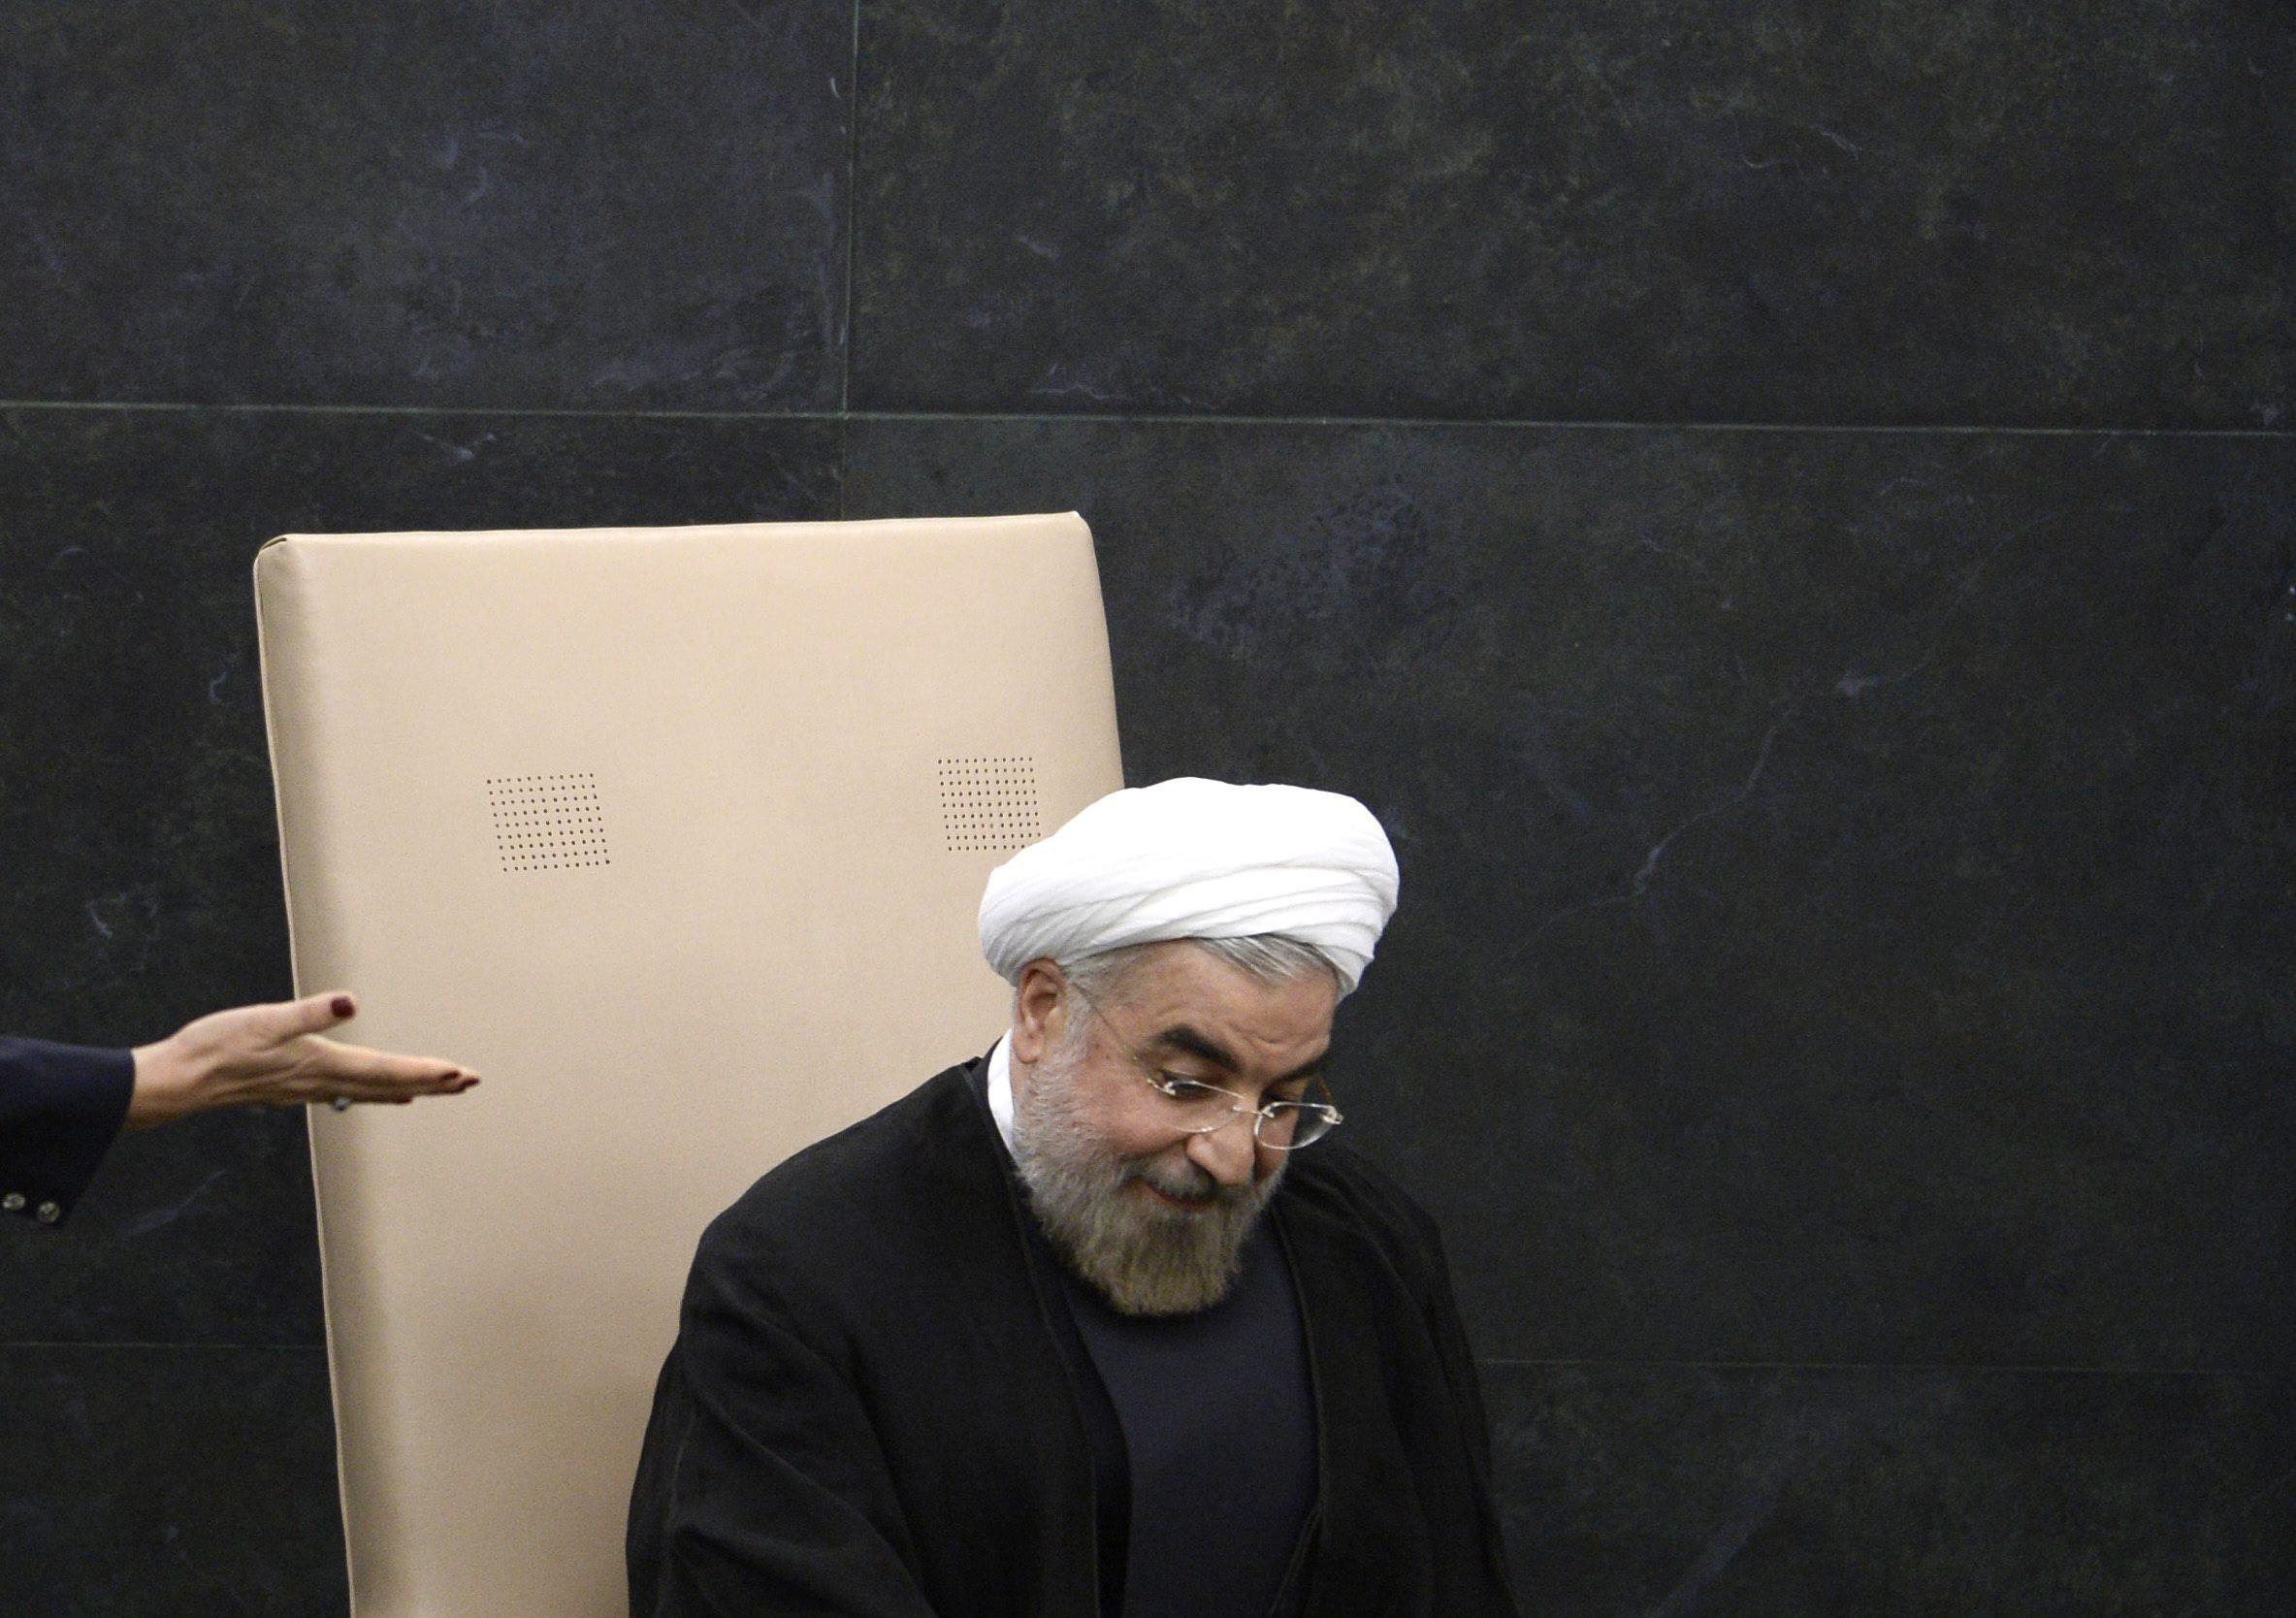 Presidente iraniano contesta legitimidade de um novo acordo sobre programa nuclear